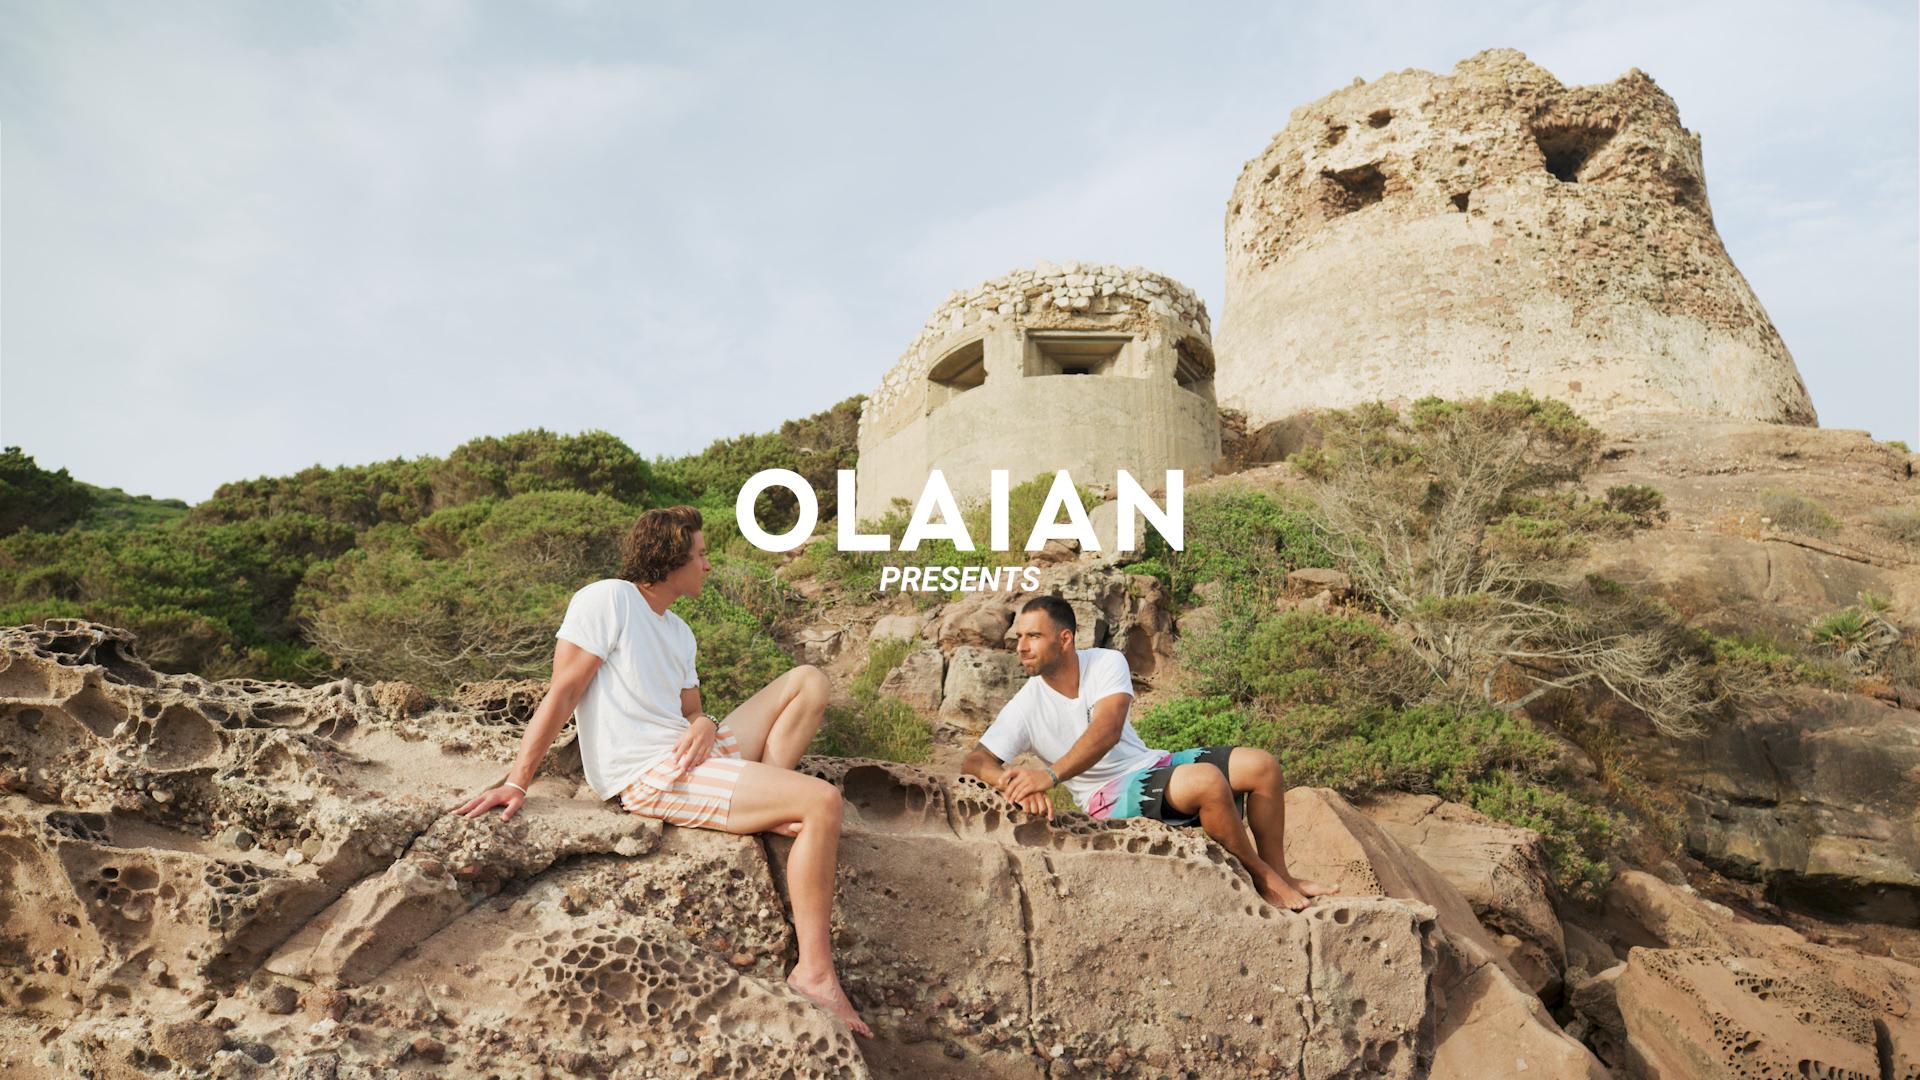 Olaian - Luca Sanna - Julien Calinski - Motion design - Jalienski